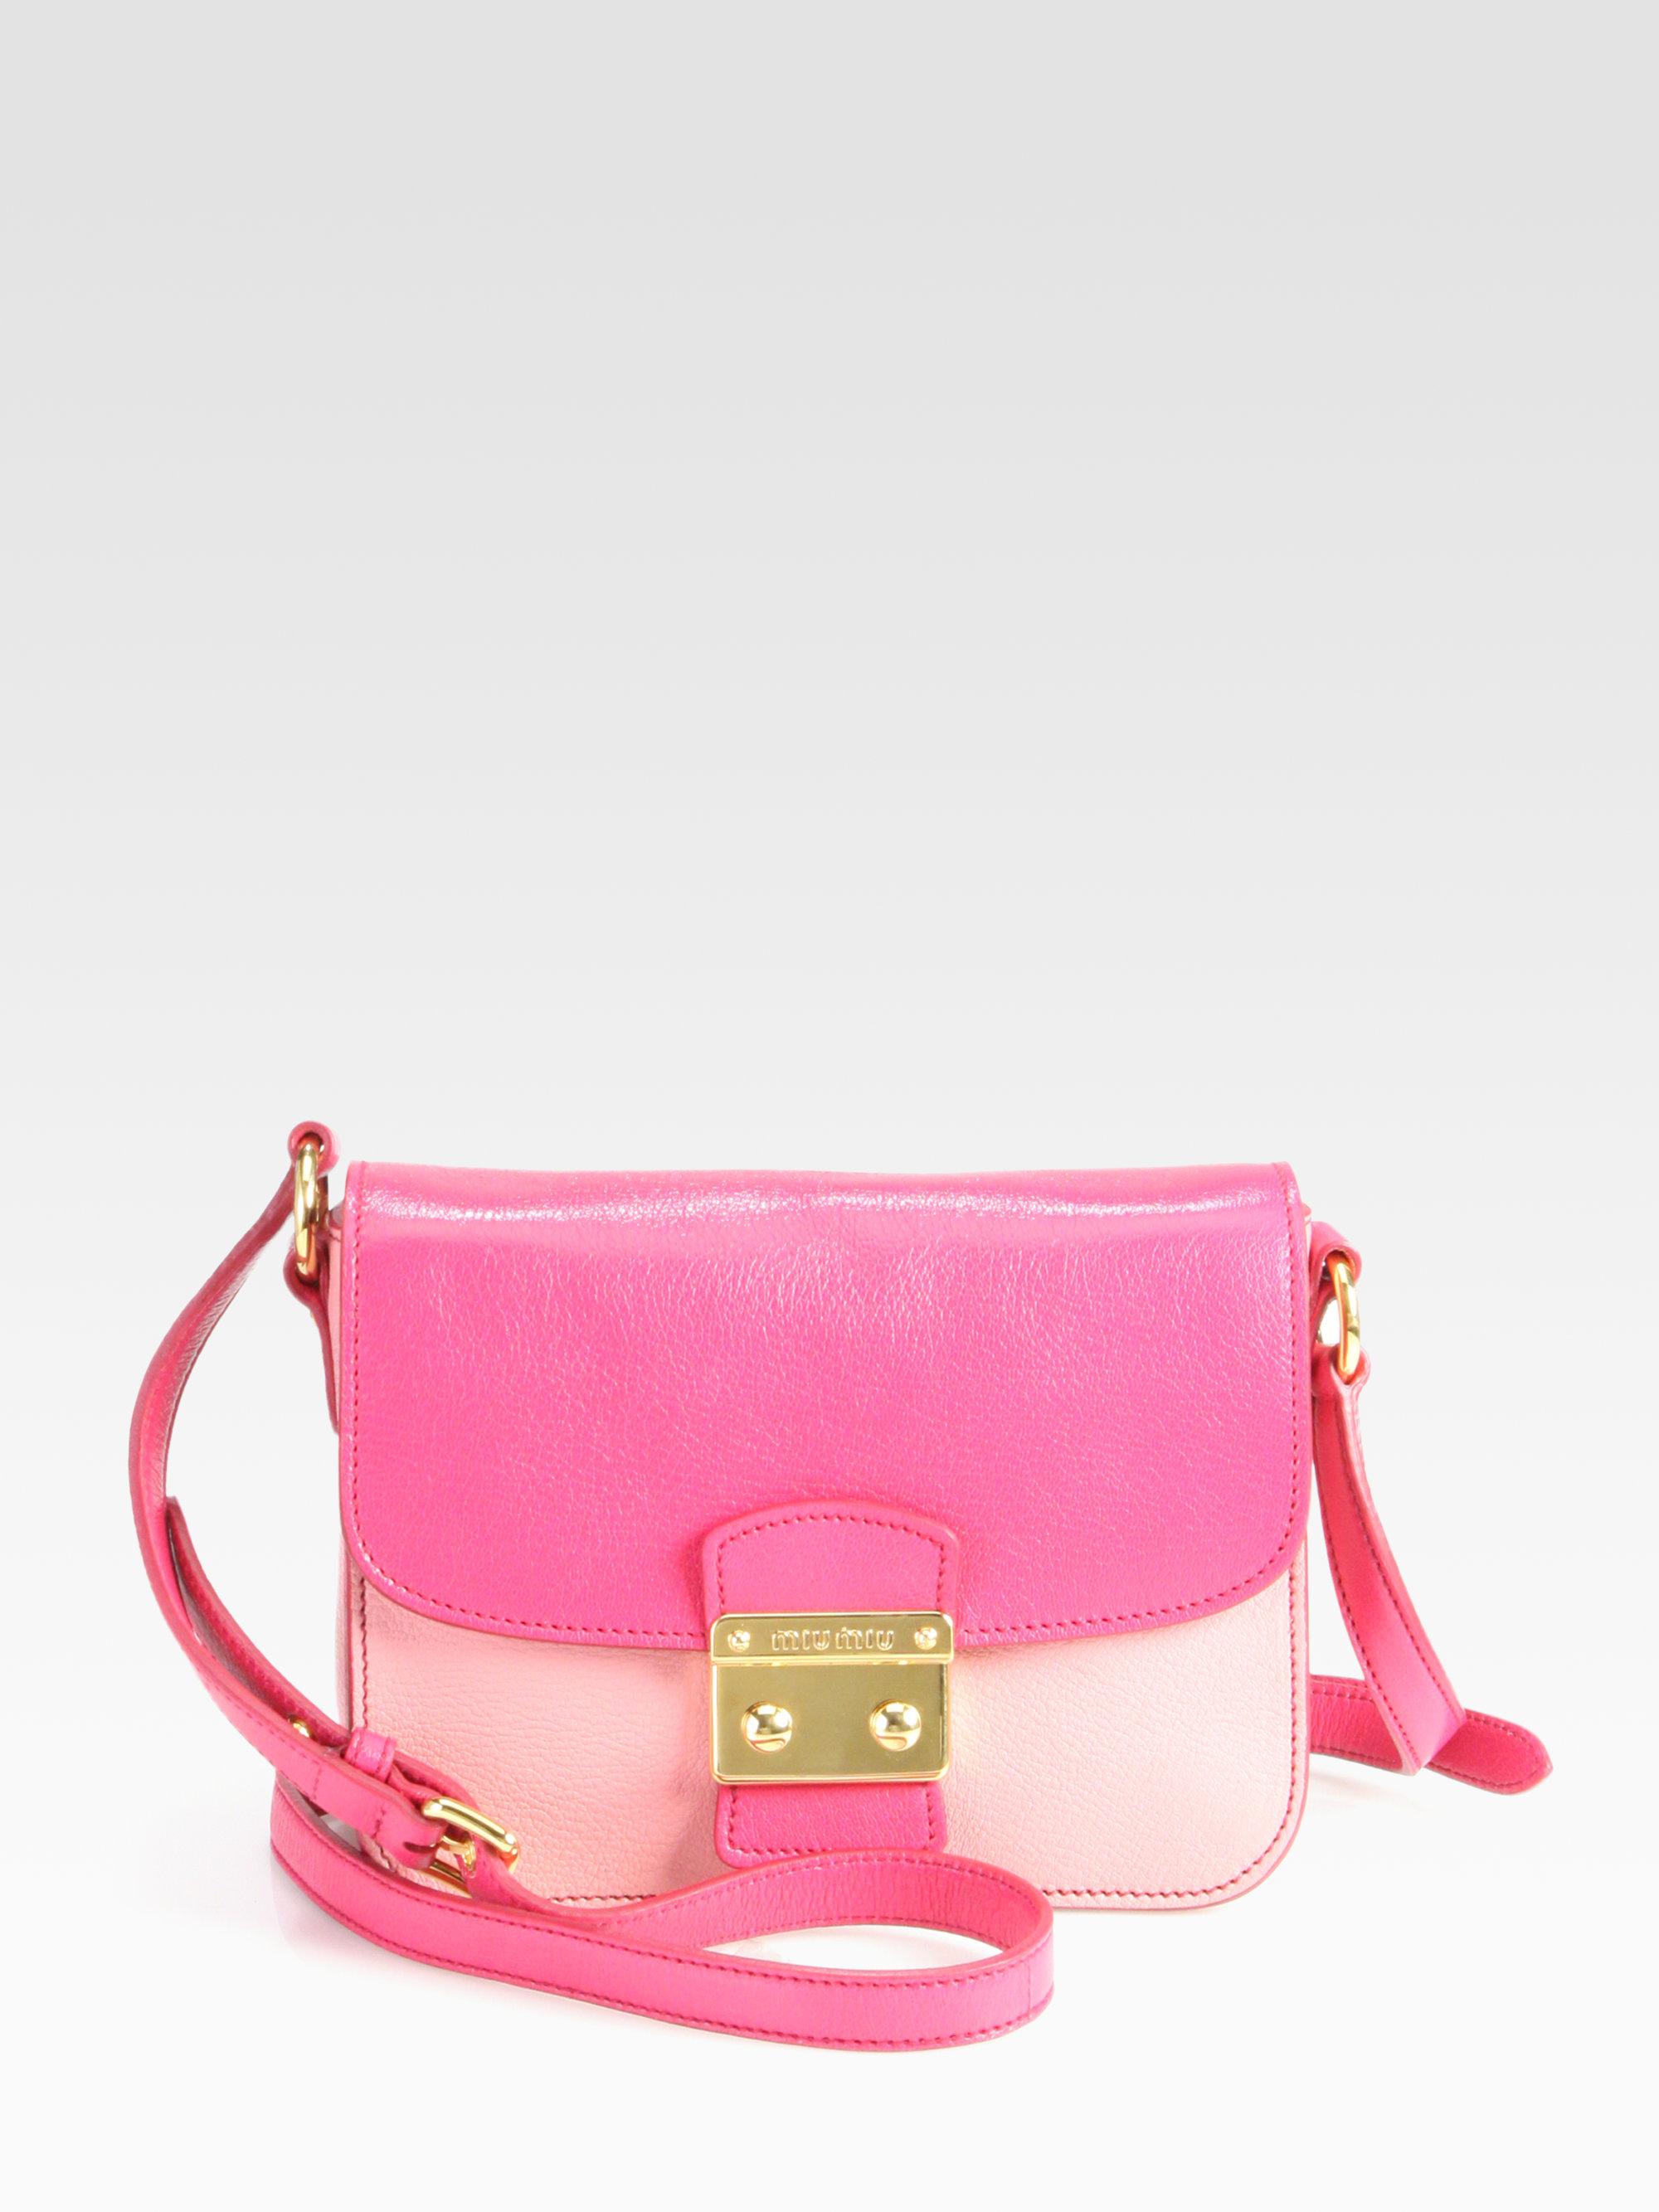 Miu miu Madras Bicolor Bauletto Frame Crossbody in Pink (marea+ ...